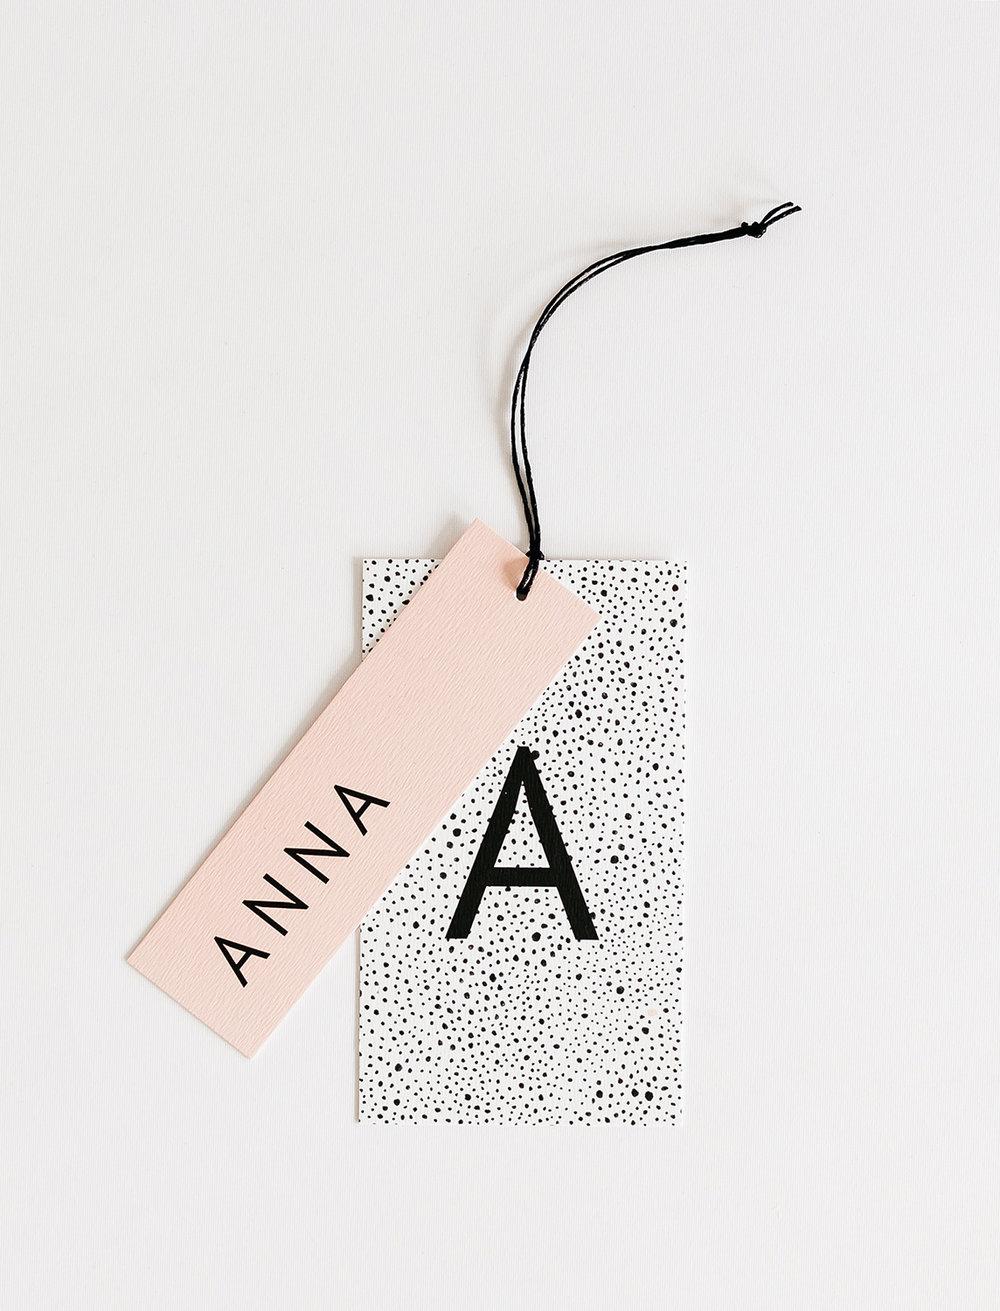 geboortekaartje-grafisch-patroon-zwart-wit-hangtag-naamlabel-letters-strak.JPG